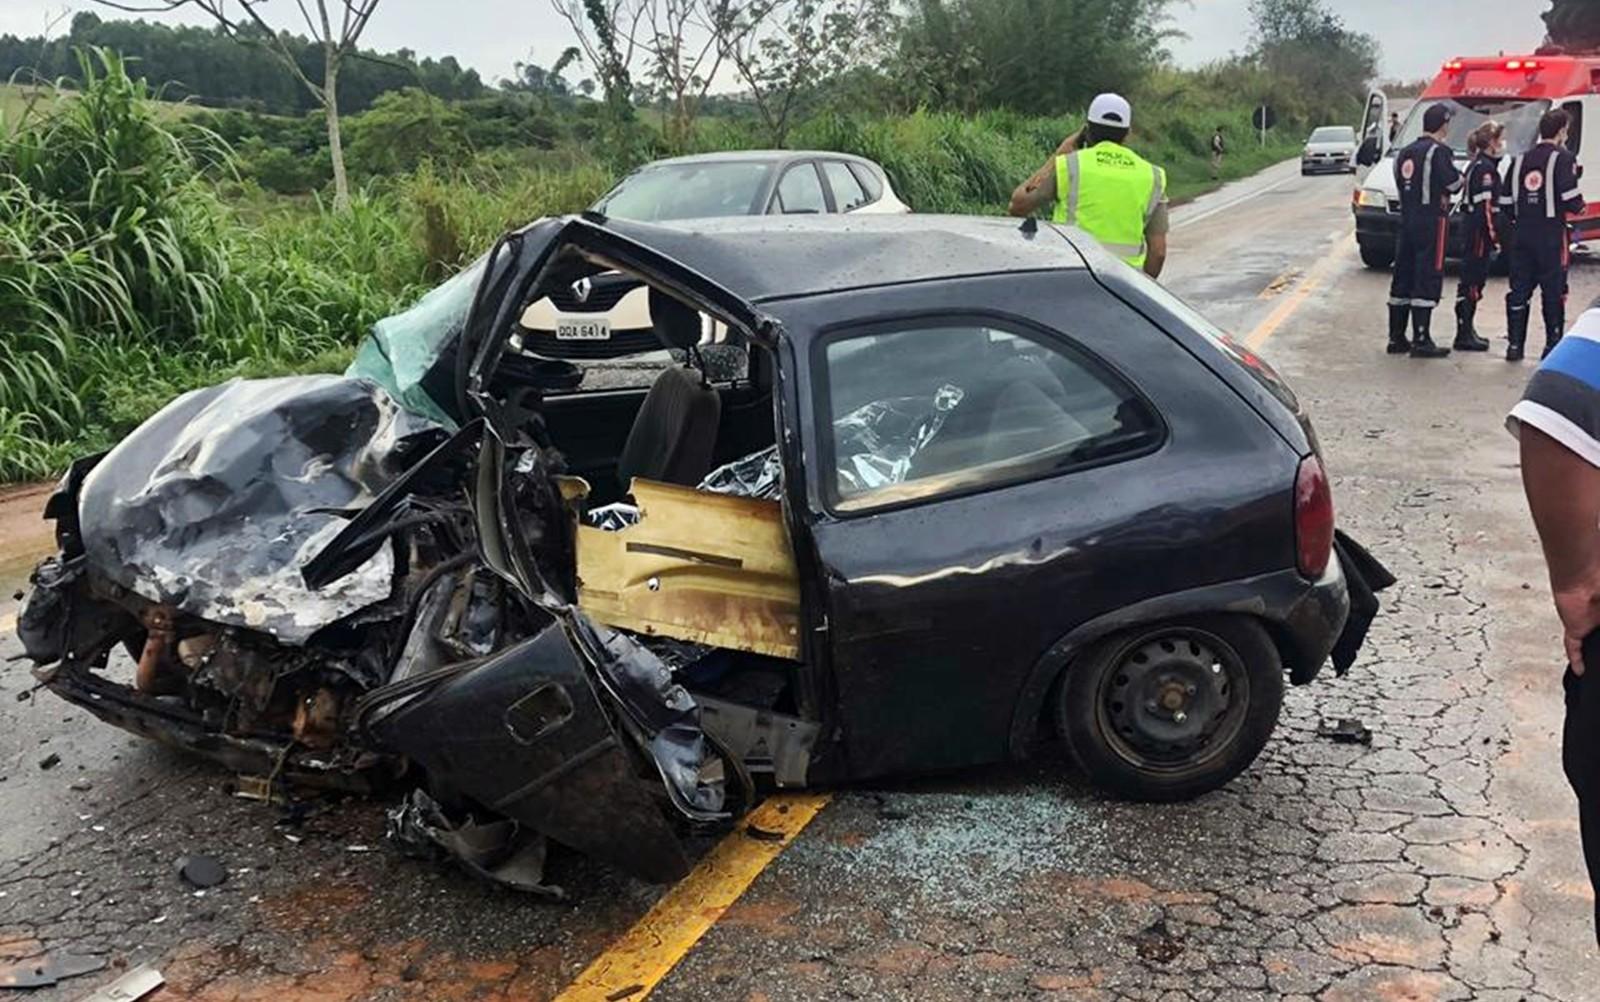 Colisão frontal mata um e fere cinco, entre Alfenas e Areado (MG) - Estradas